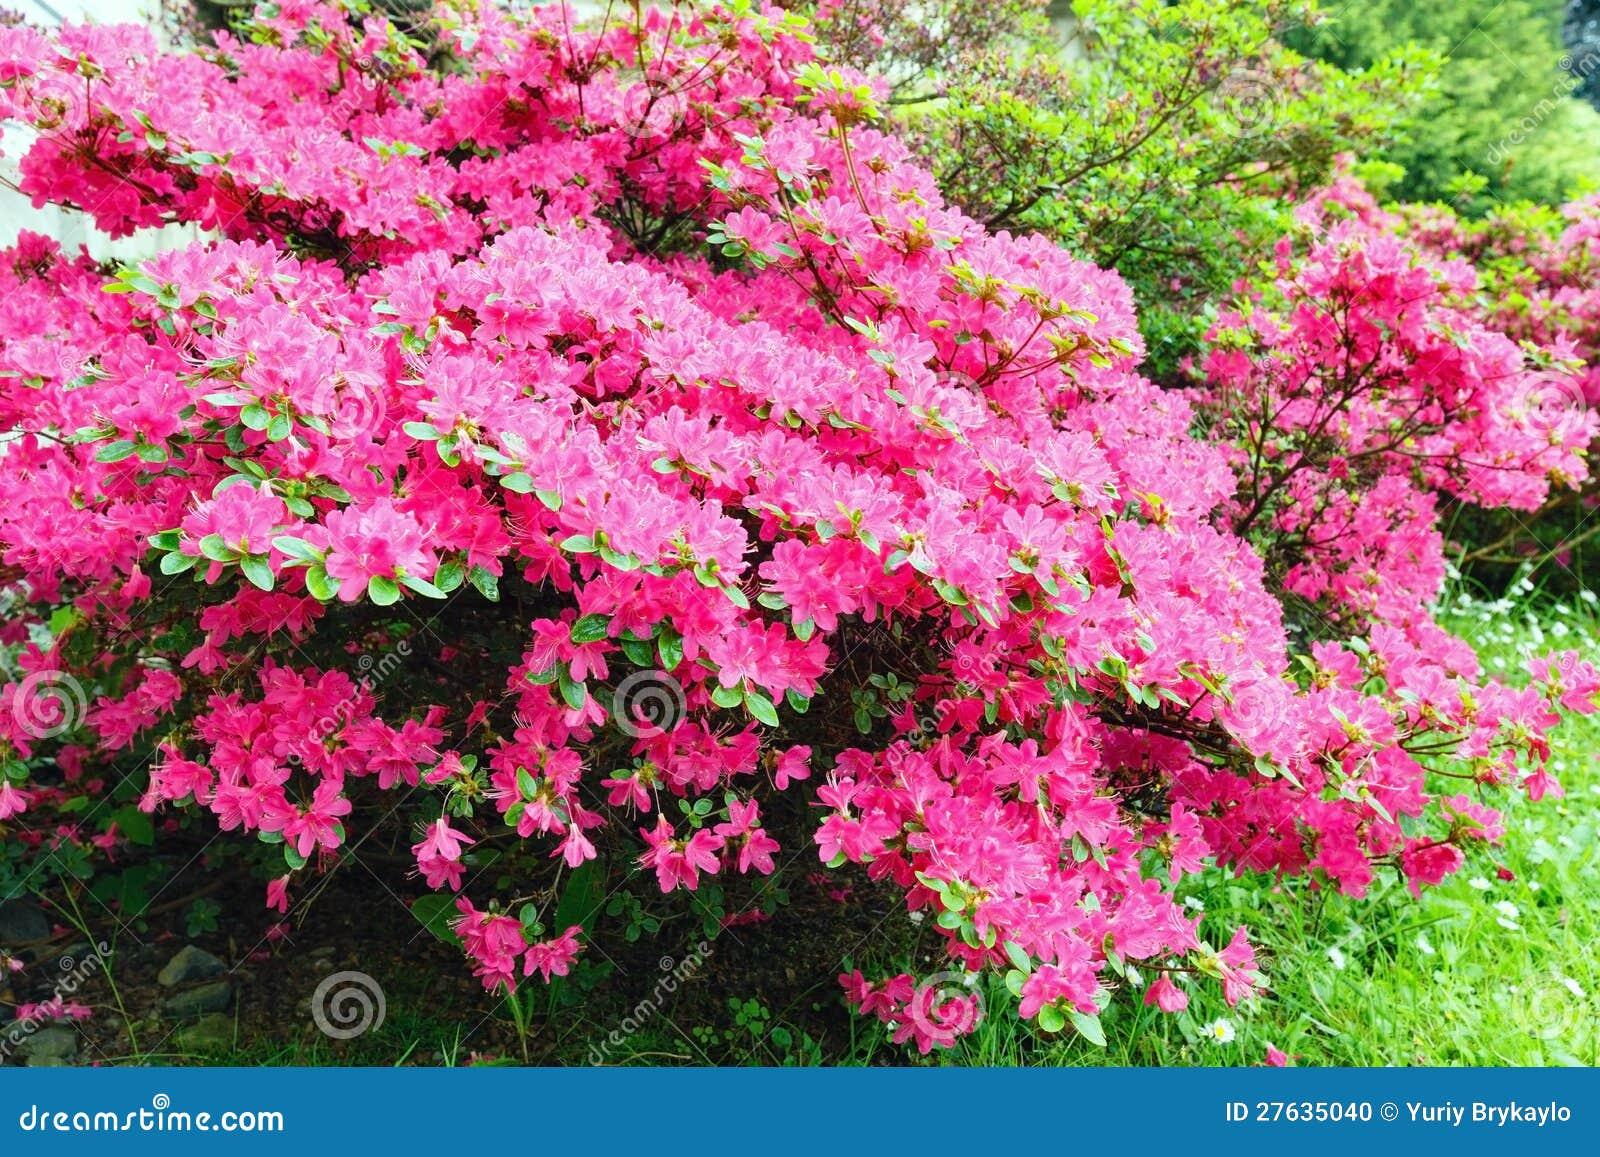 Struiken Met Bloemen Voor In De Tuin.Bloemen Struiken